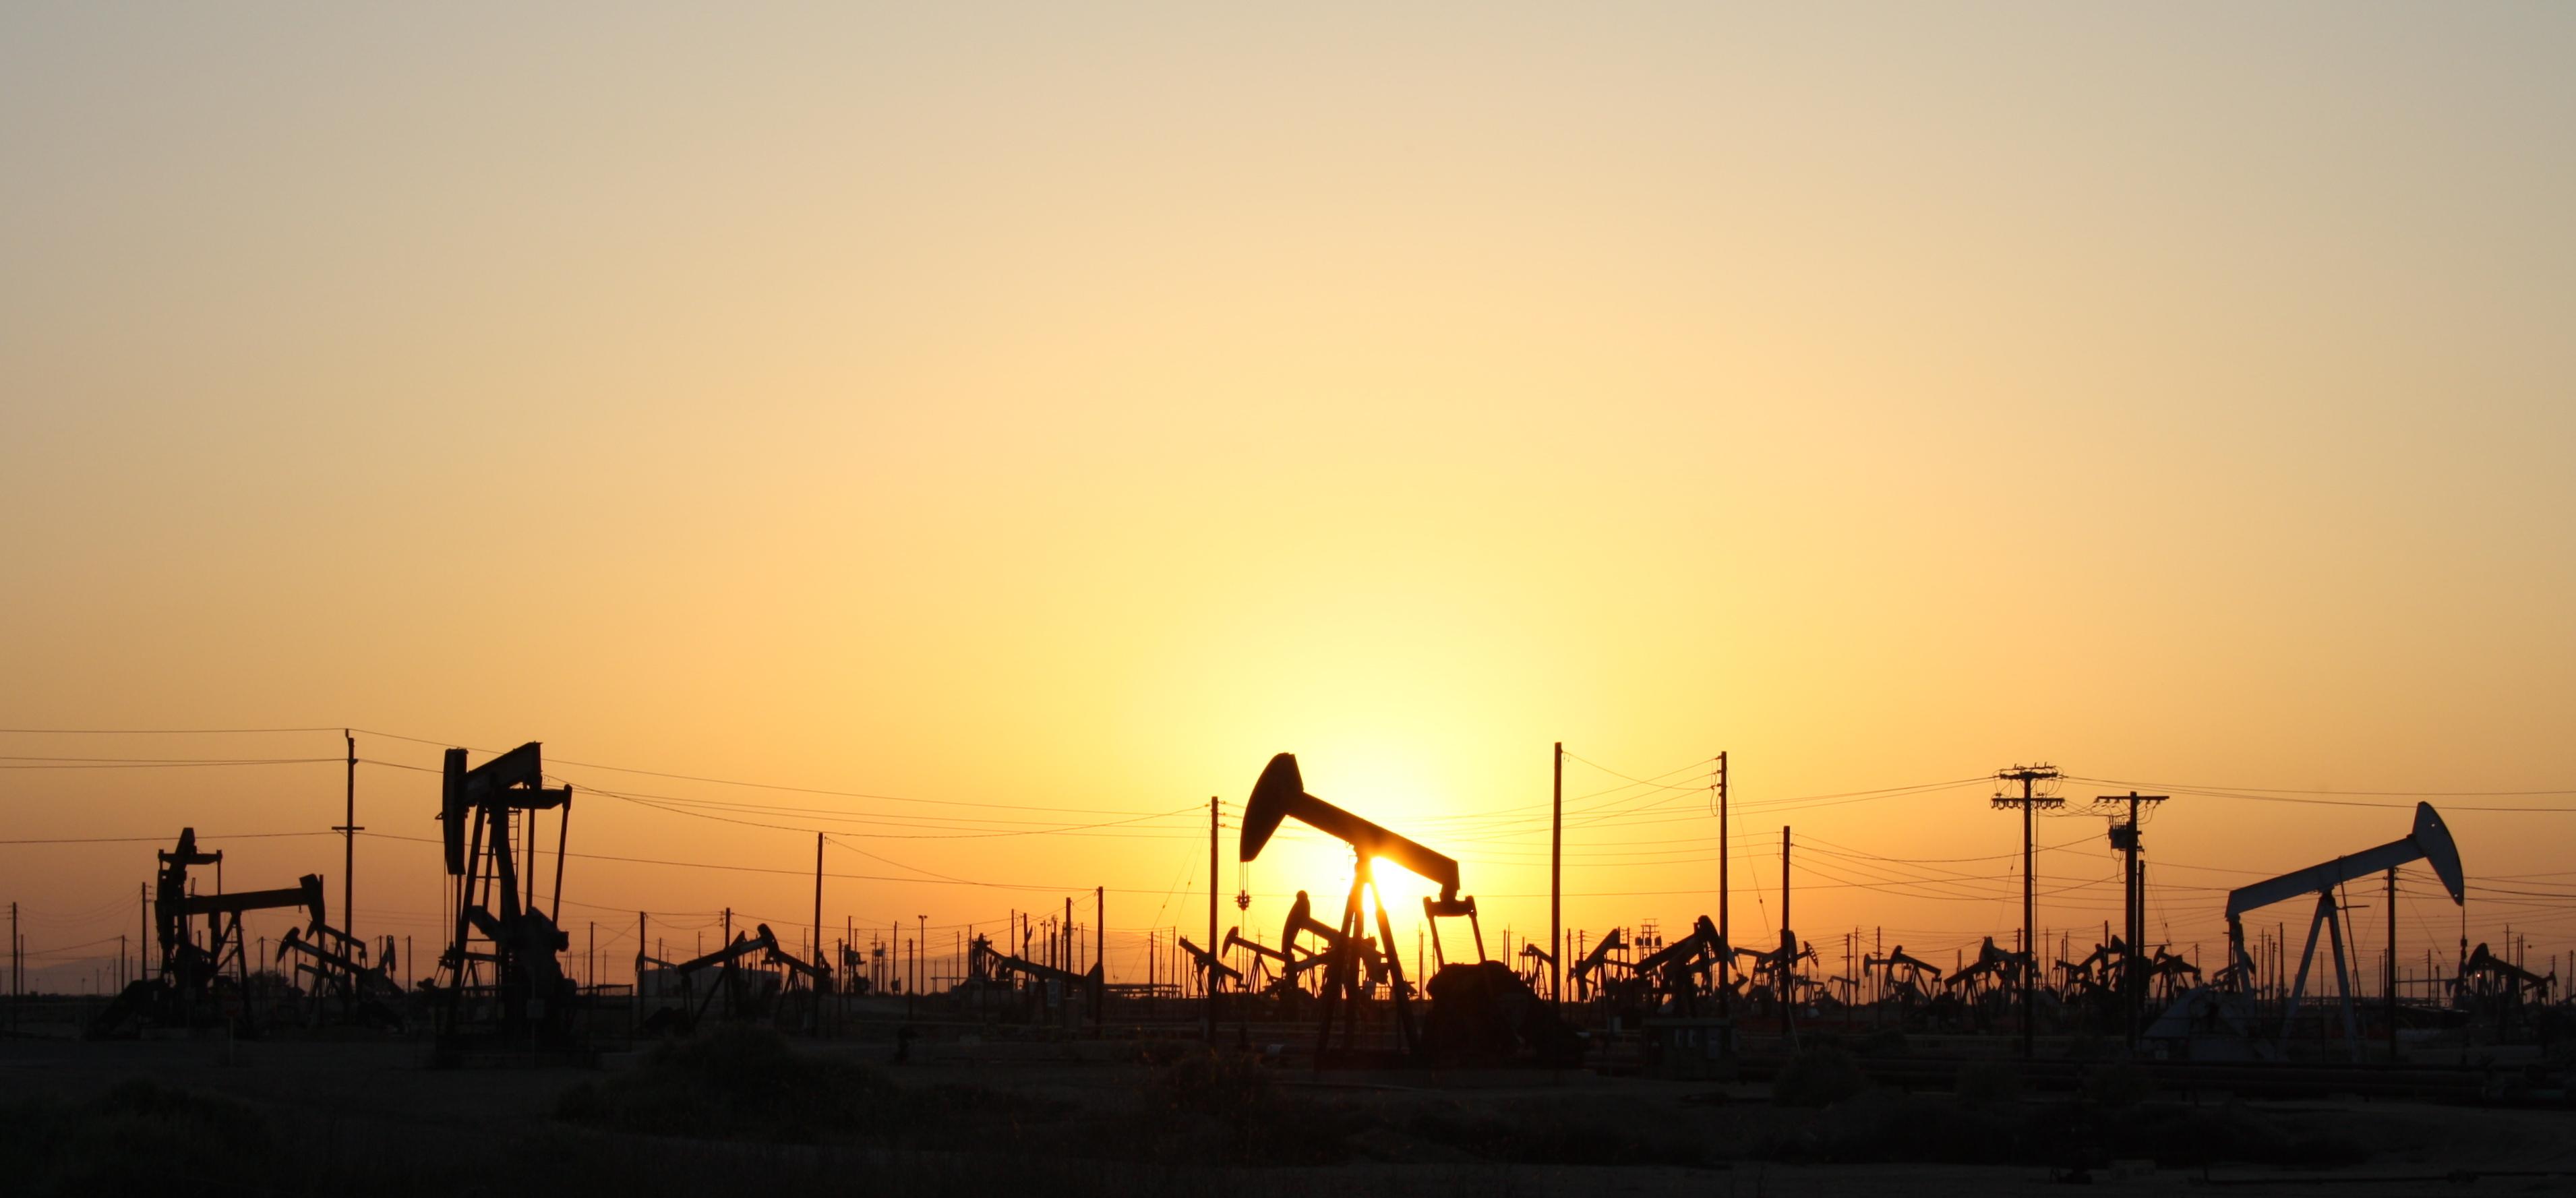 Нефтяное поле